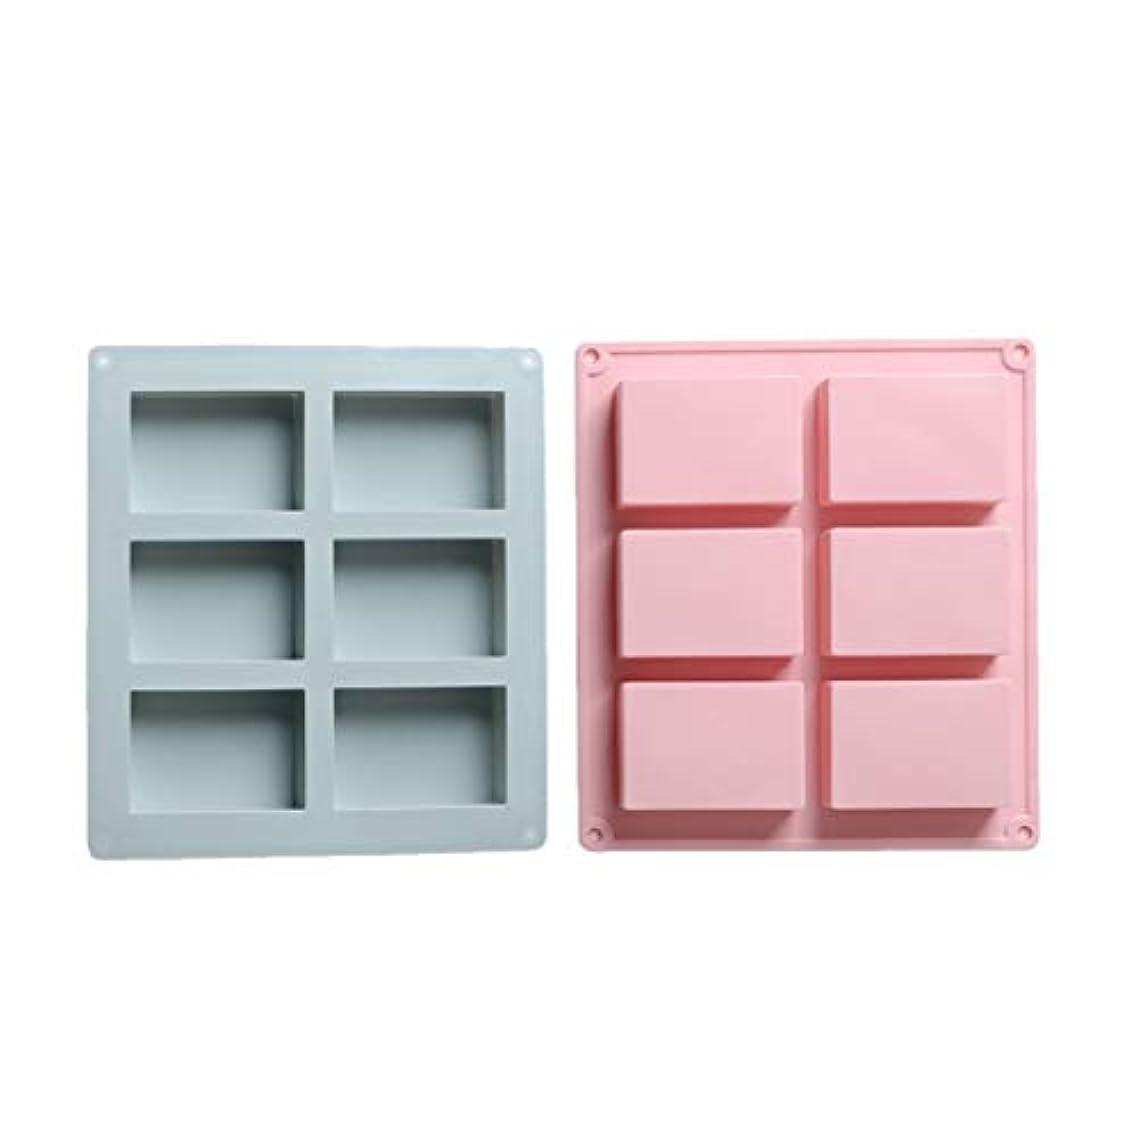 政治家の養う調停者SUPVOX シリコン長方形モールドソープチョコレートキャンドルとゼリーブラウン2個(青とピンク)を作るための6つのキャビティ